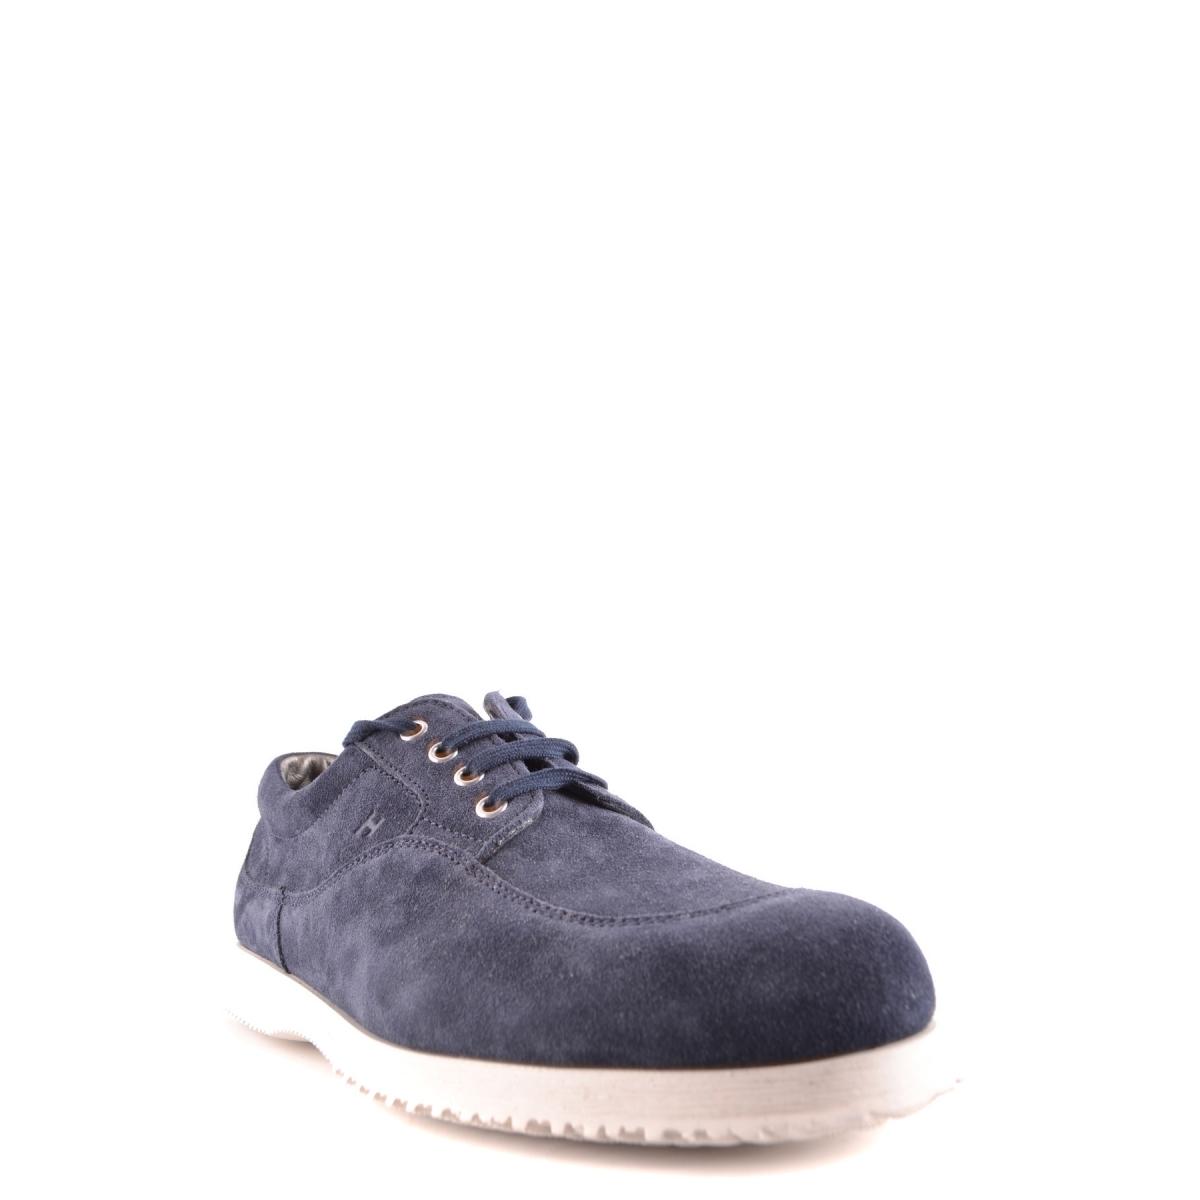 Billig gute Qualität Schuhe Hogan 30957DE -20%